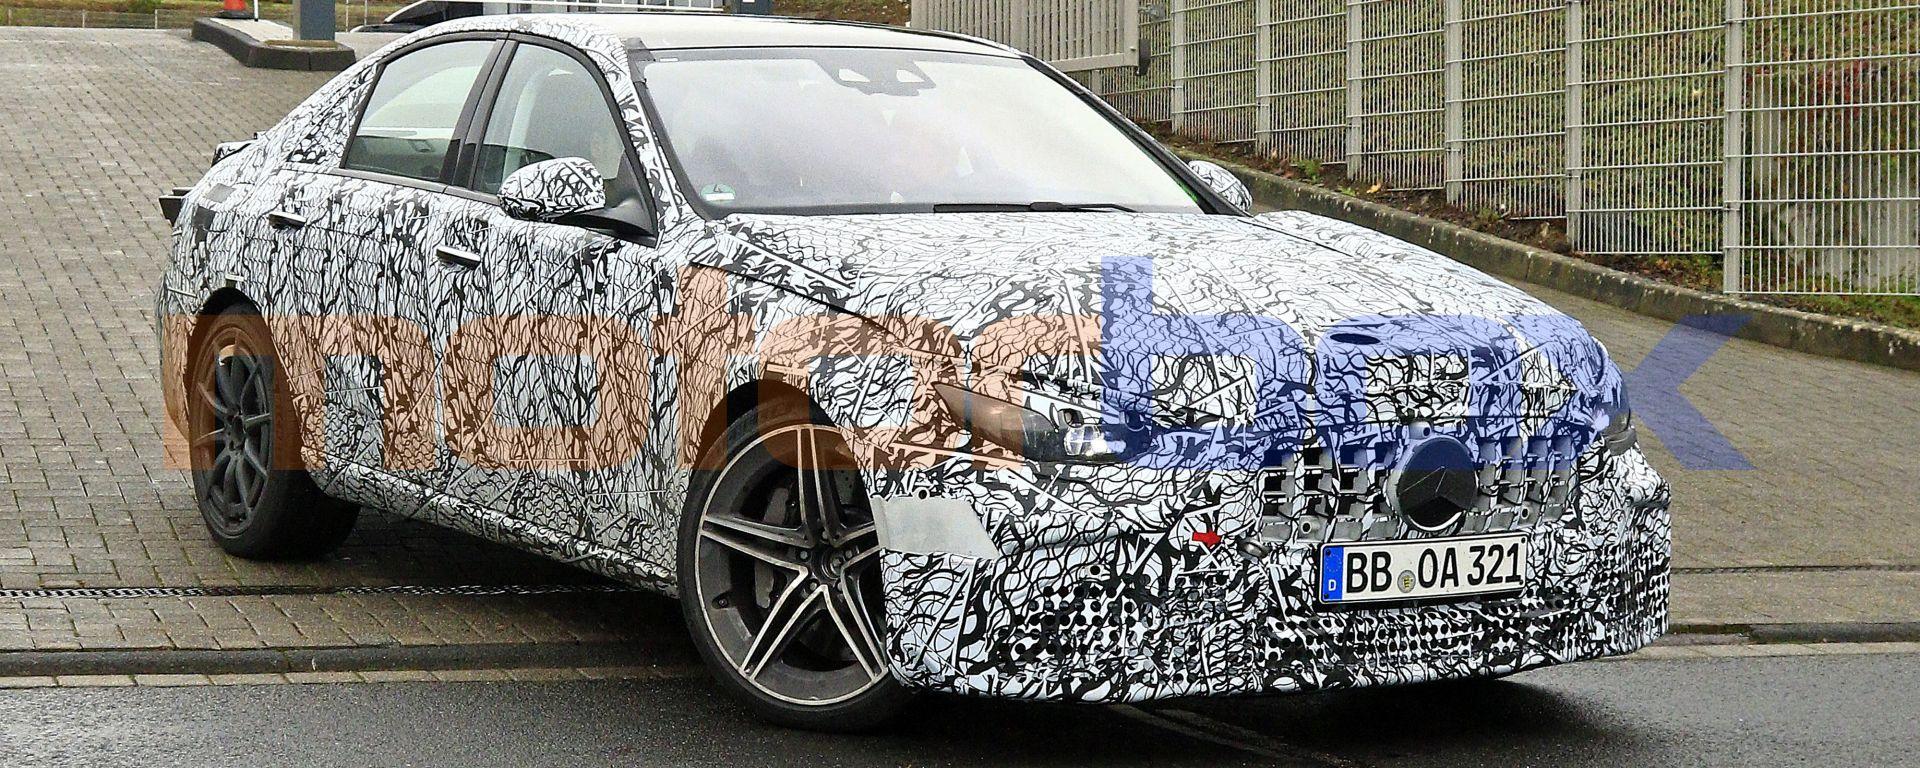 Nuova Mercedes-AMG C63: a colpo d'occhio le forme non cambiano